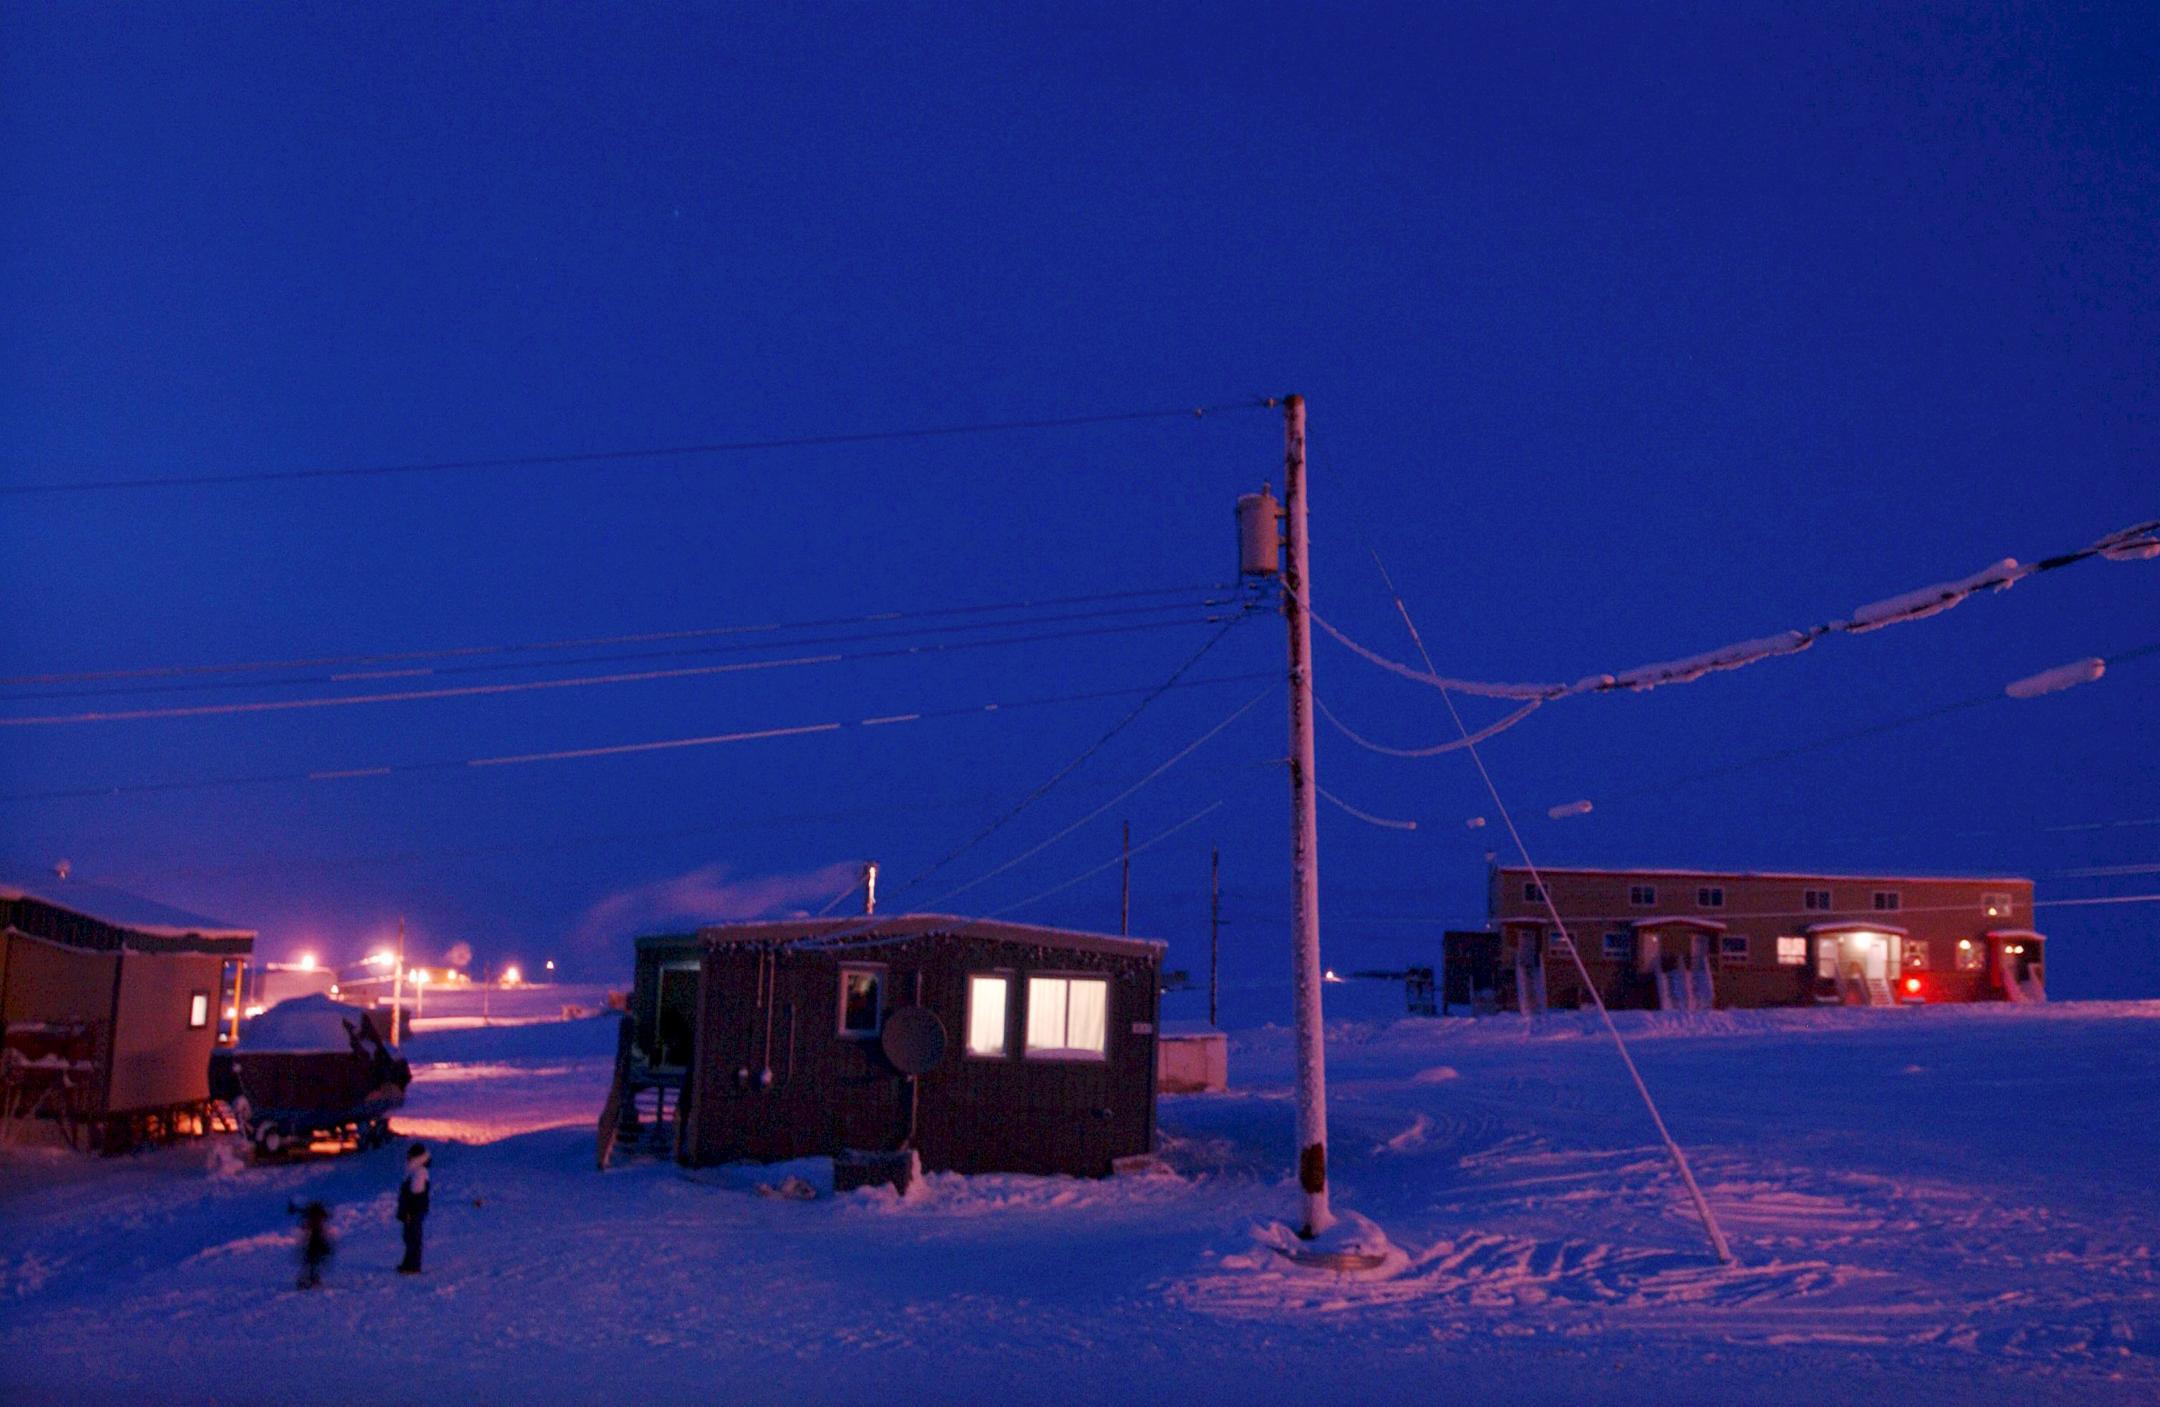 Maisons de la communauté Inuit dans le Grand Nord canadien